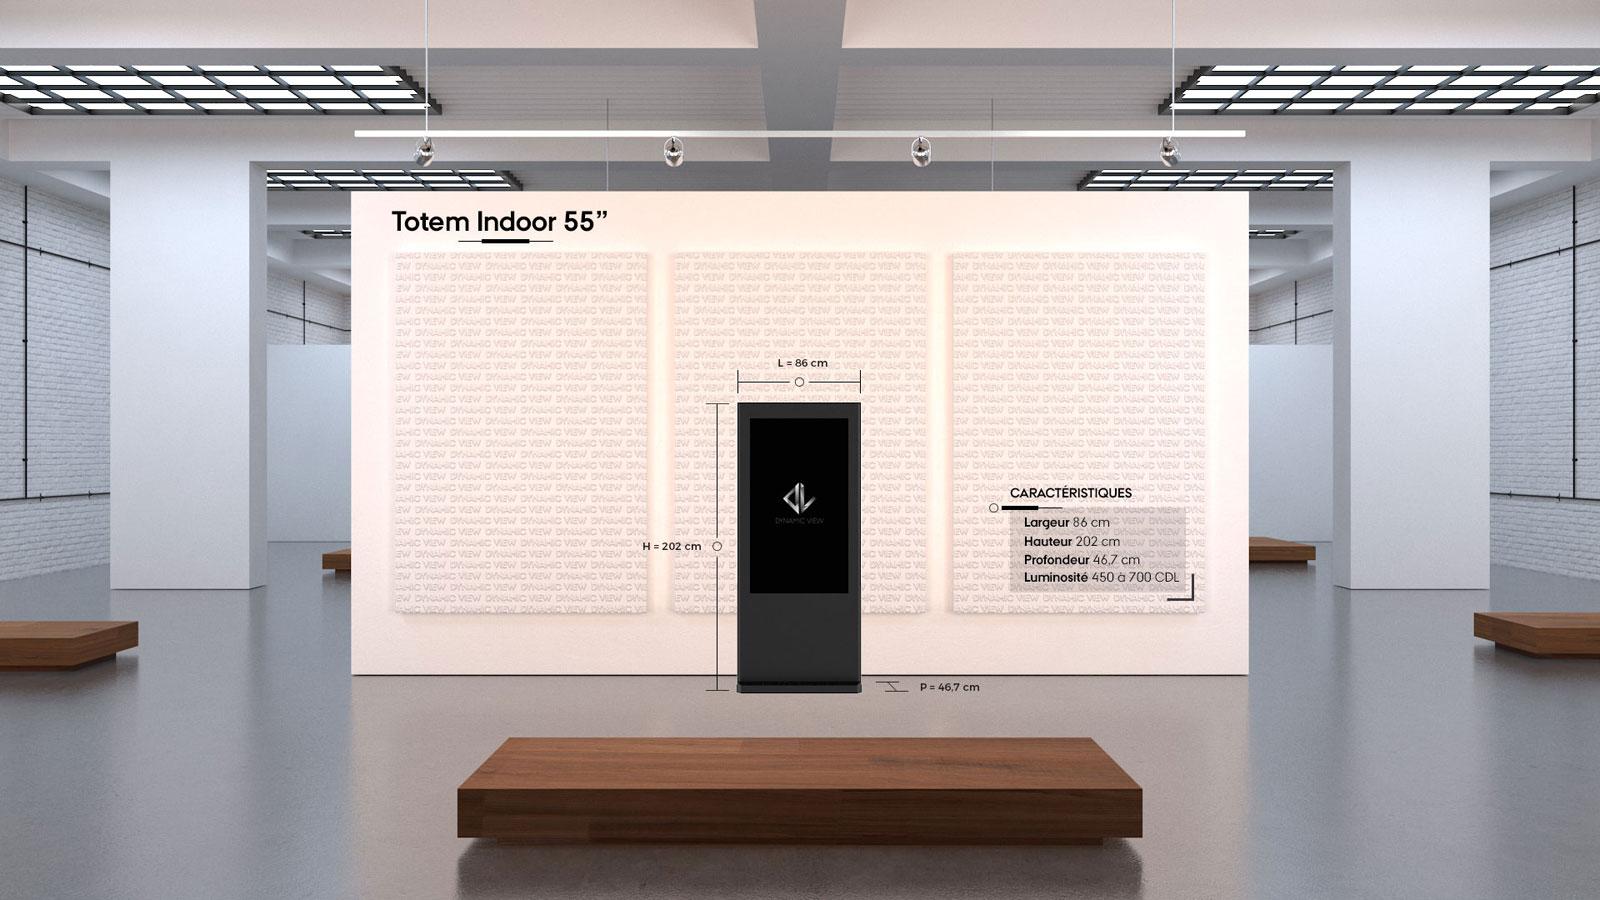 48 Totem Indoor 55''